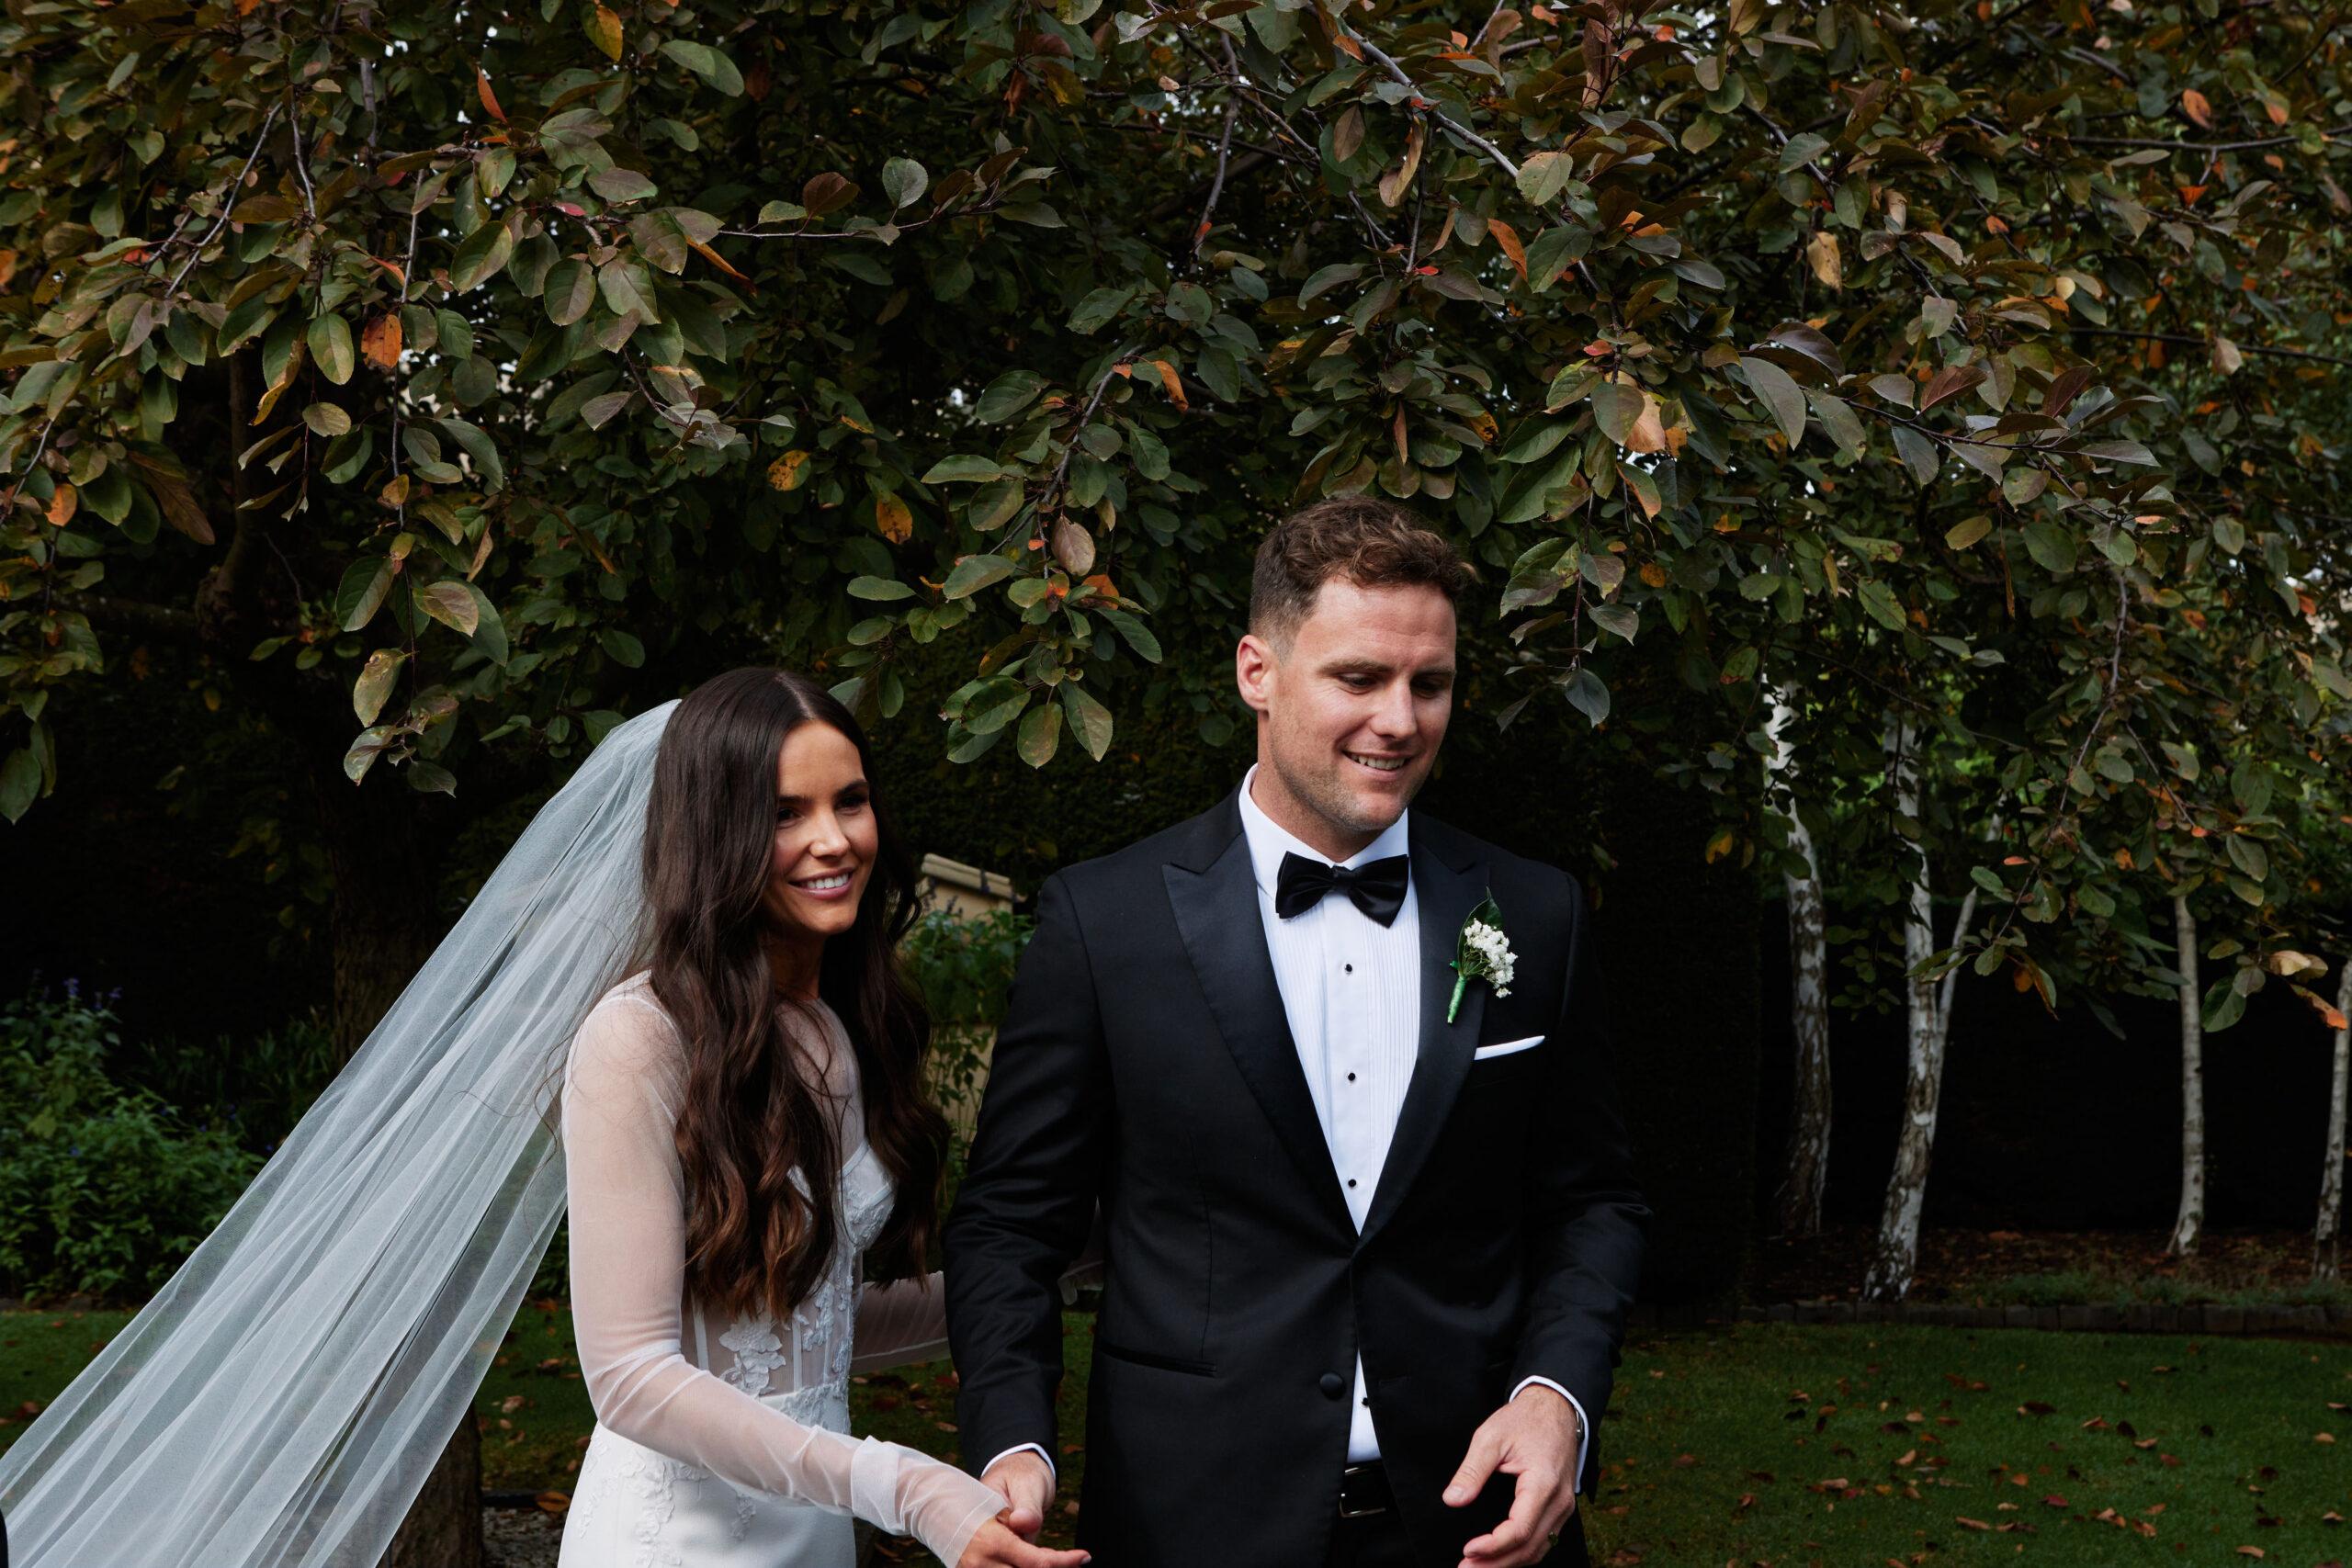 Jenna and Adam